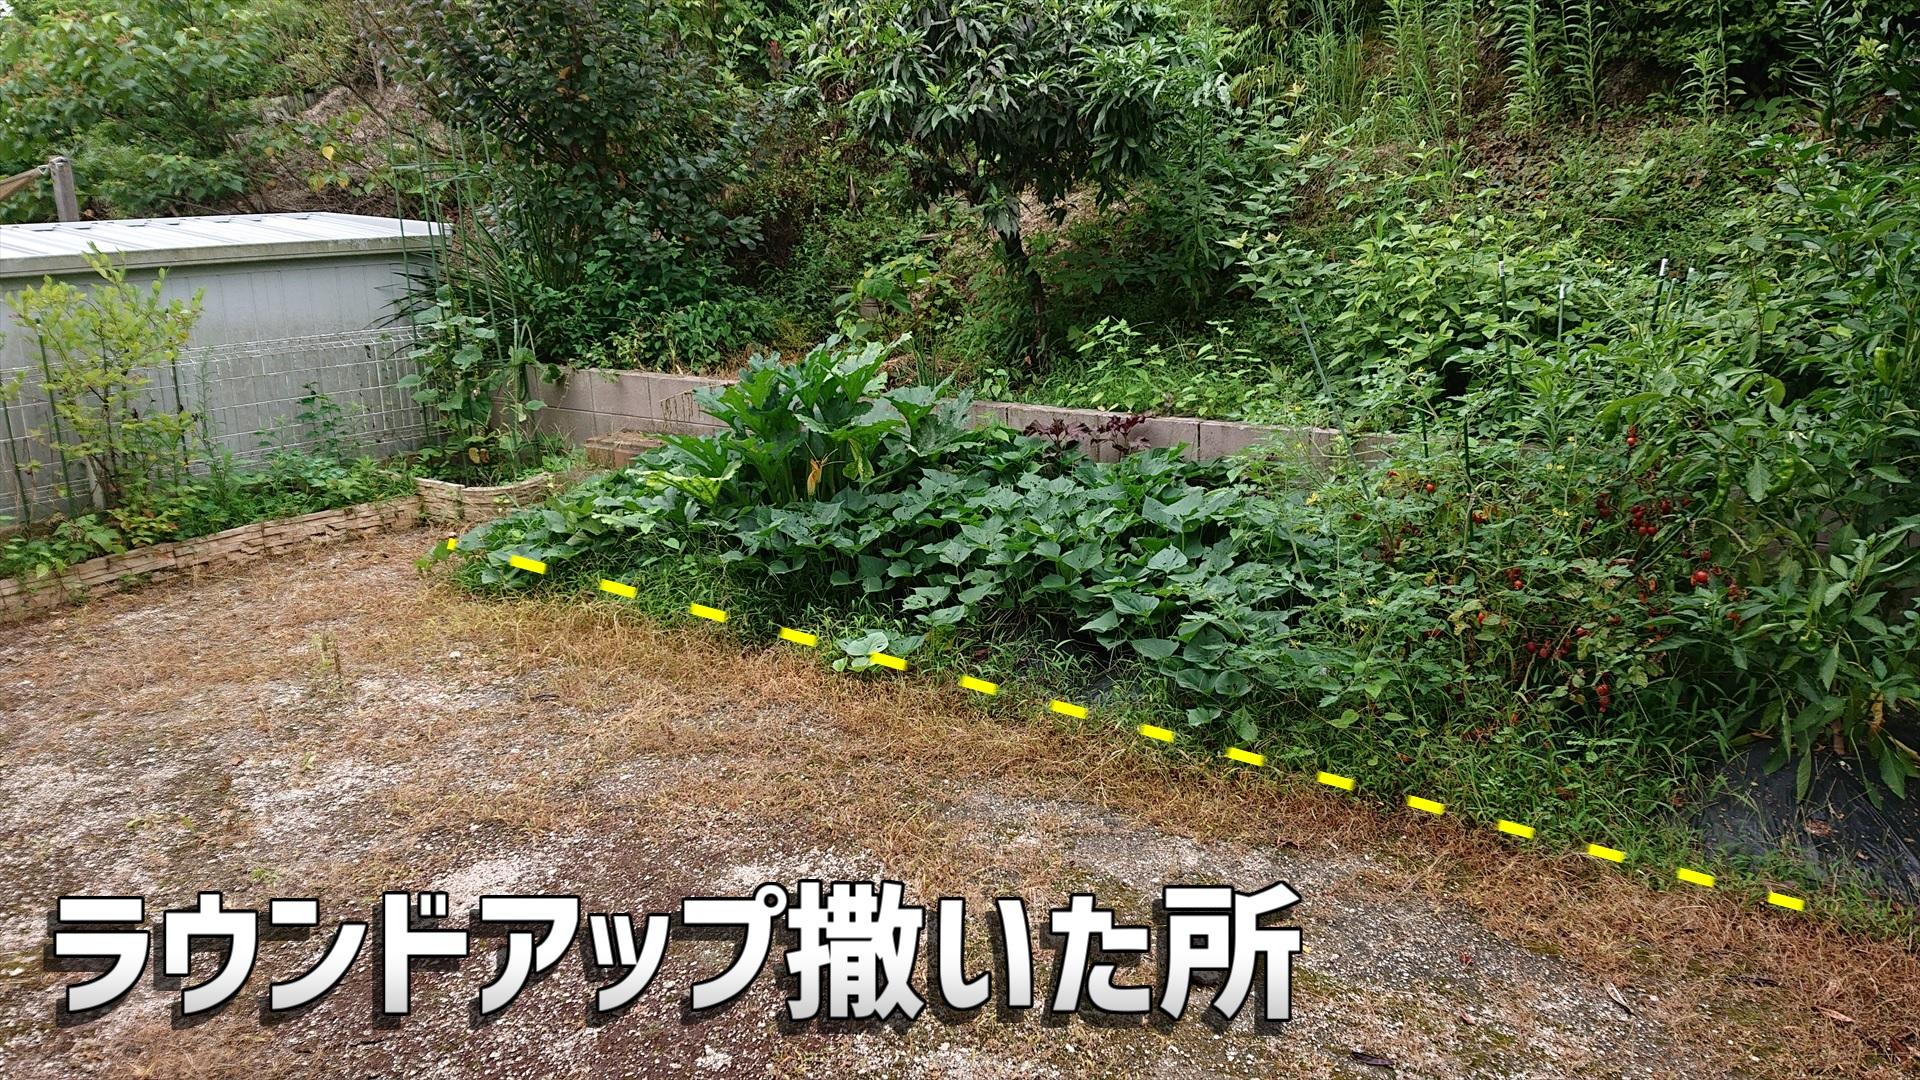 ラウンドアップ(除草剤)を撒いた所の雑草だけが枯れます。